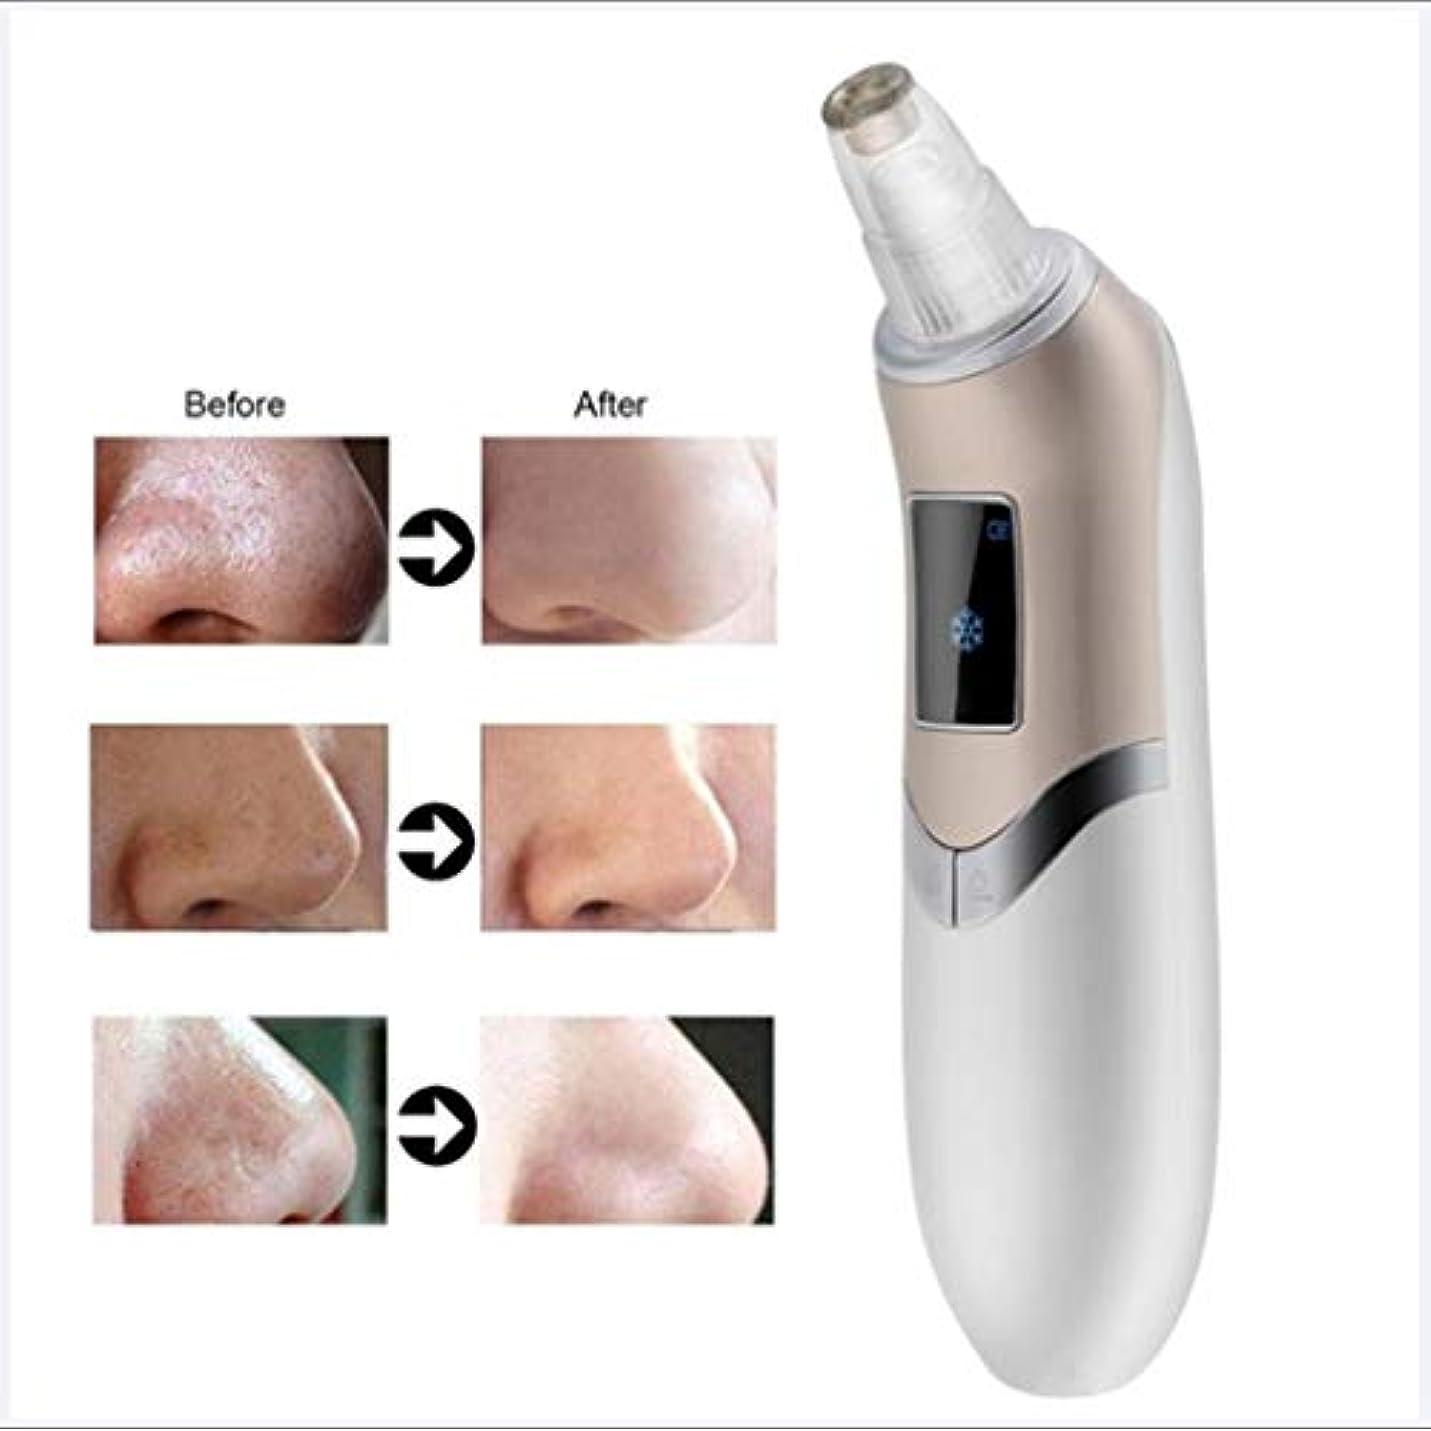 洗顔料 - にきび掃除機 - 電気にきびマイクロダーマブレーション - 美容